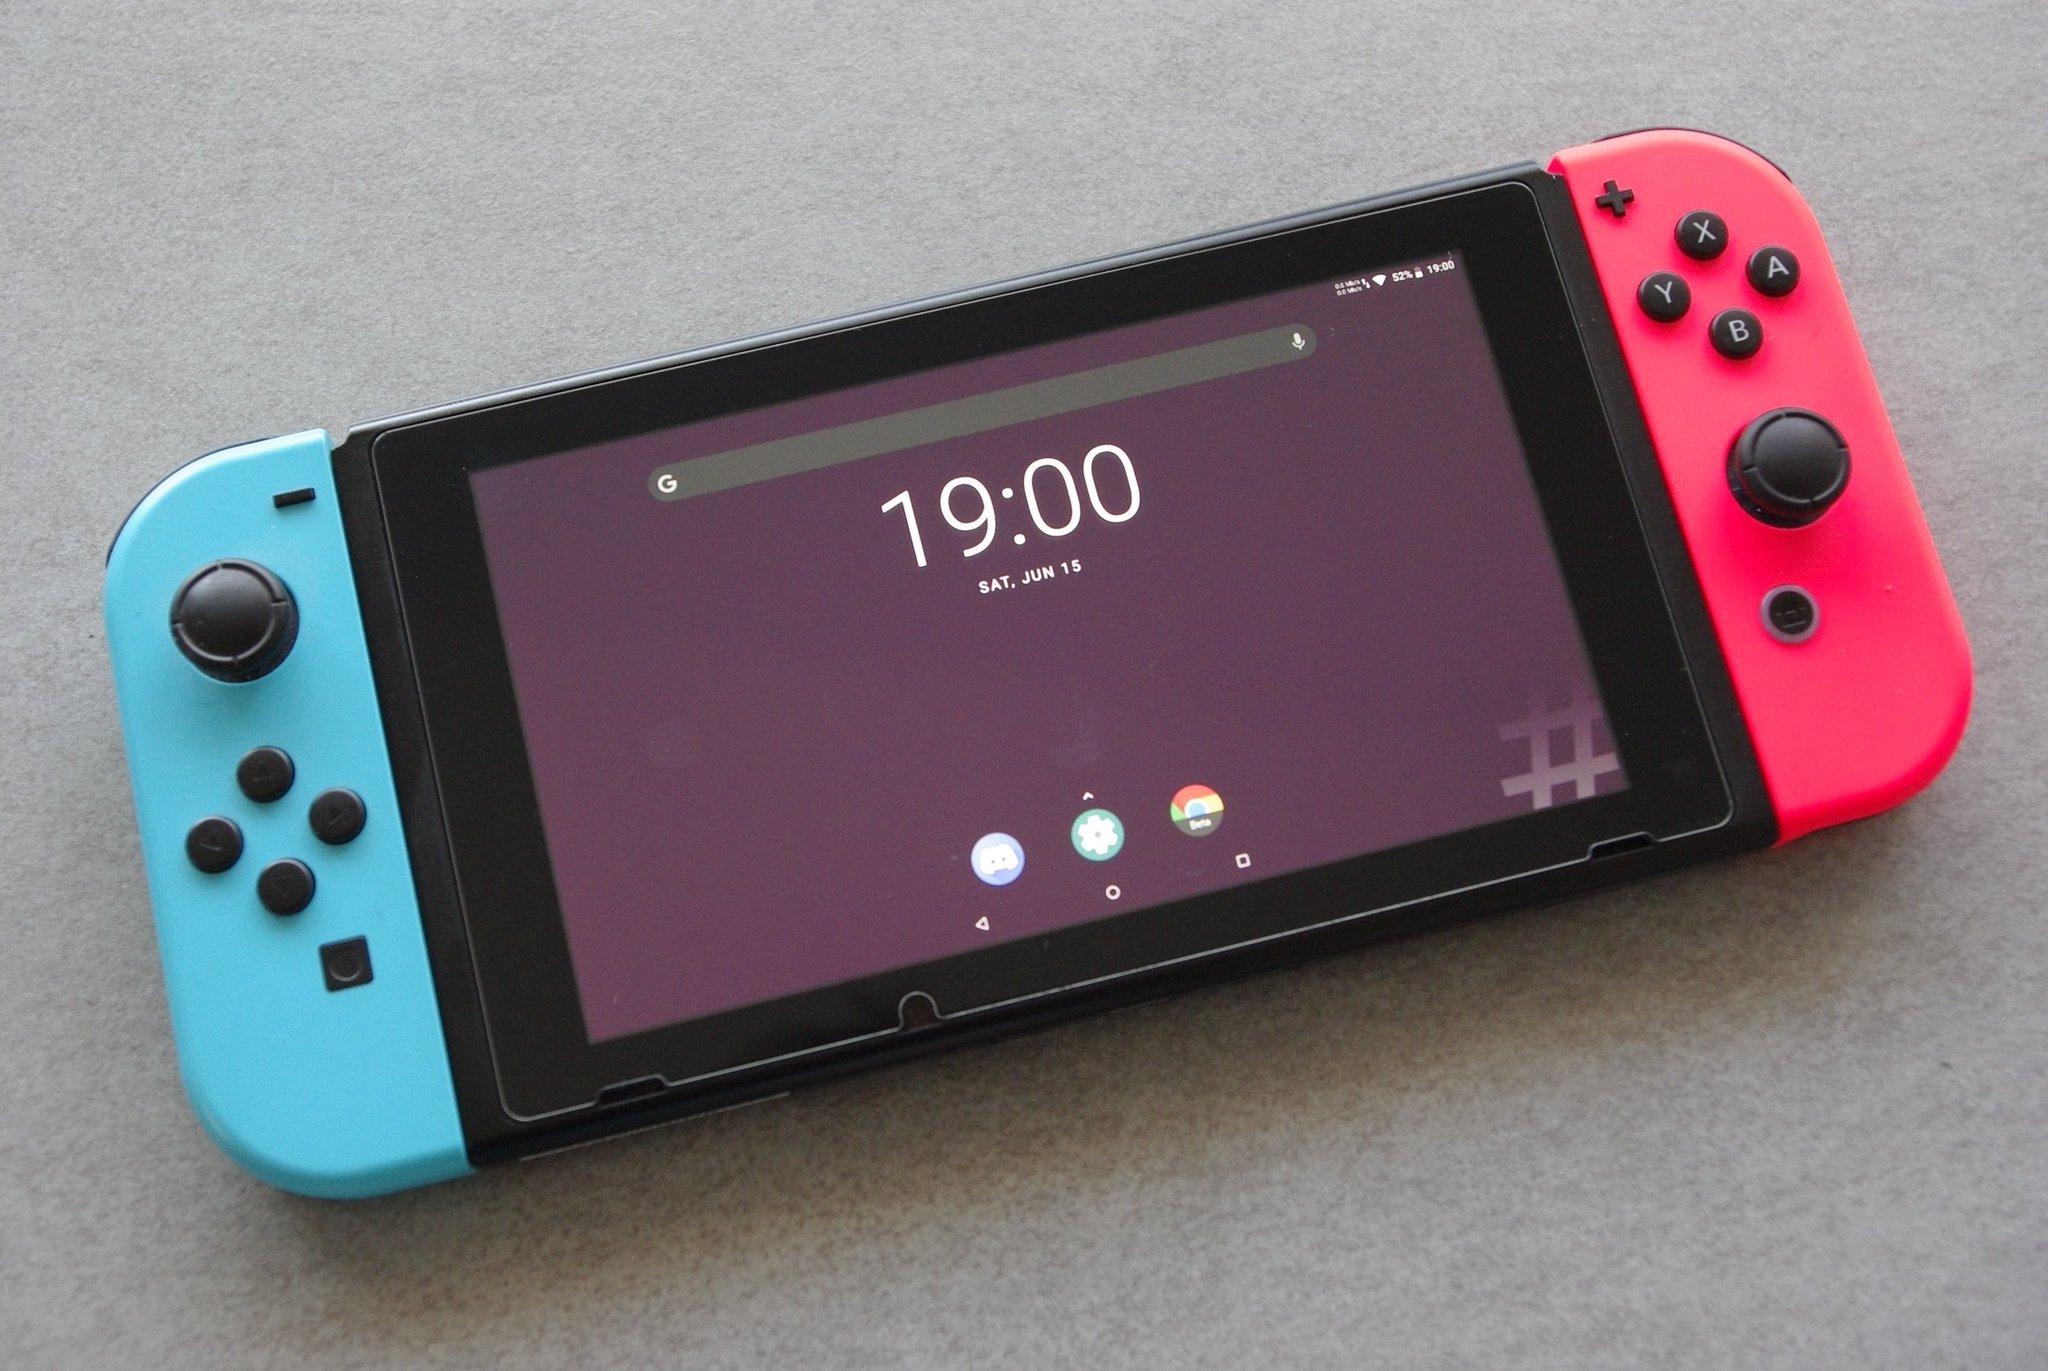 La Nintendo Switch peut désormais tourner sous Android 10 - Frandroid